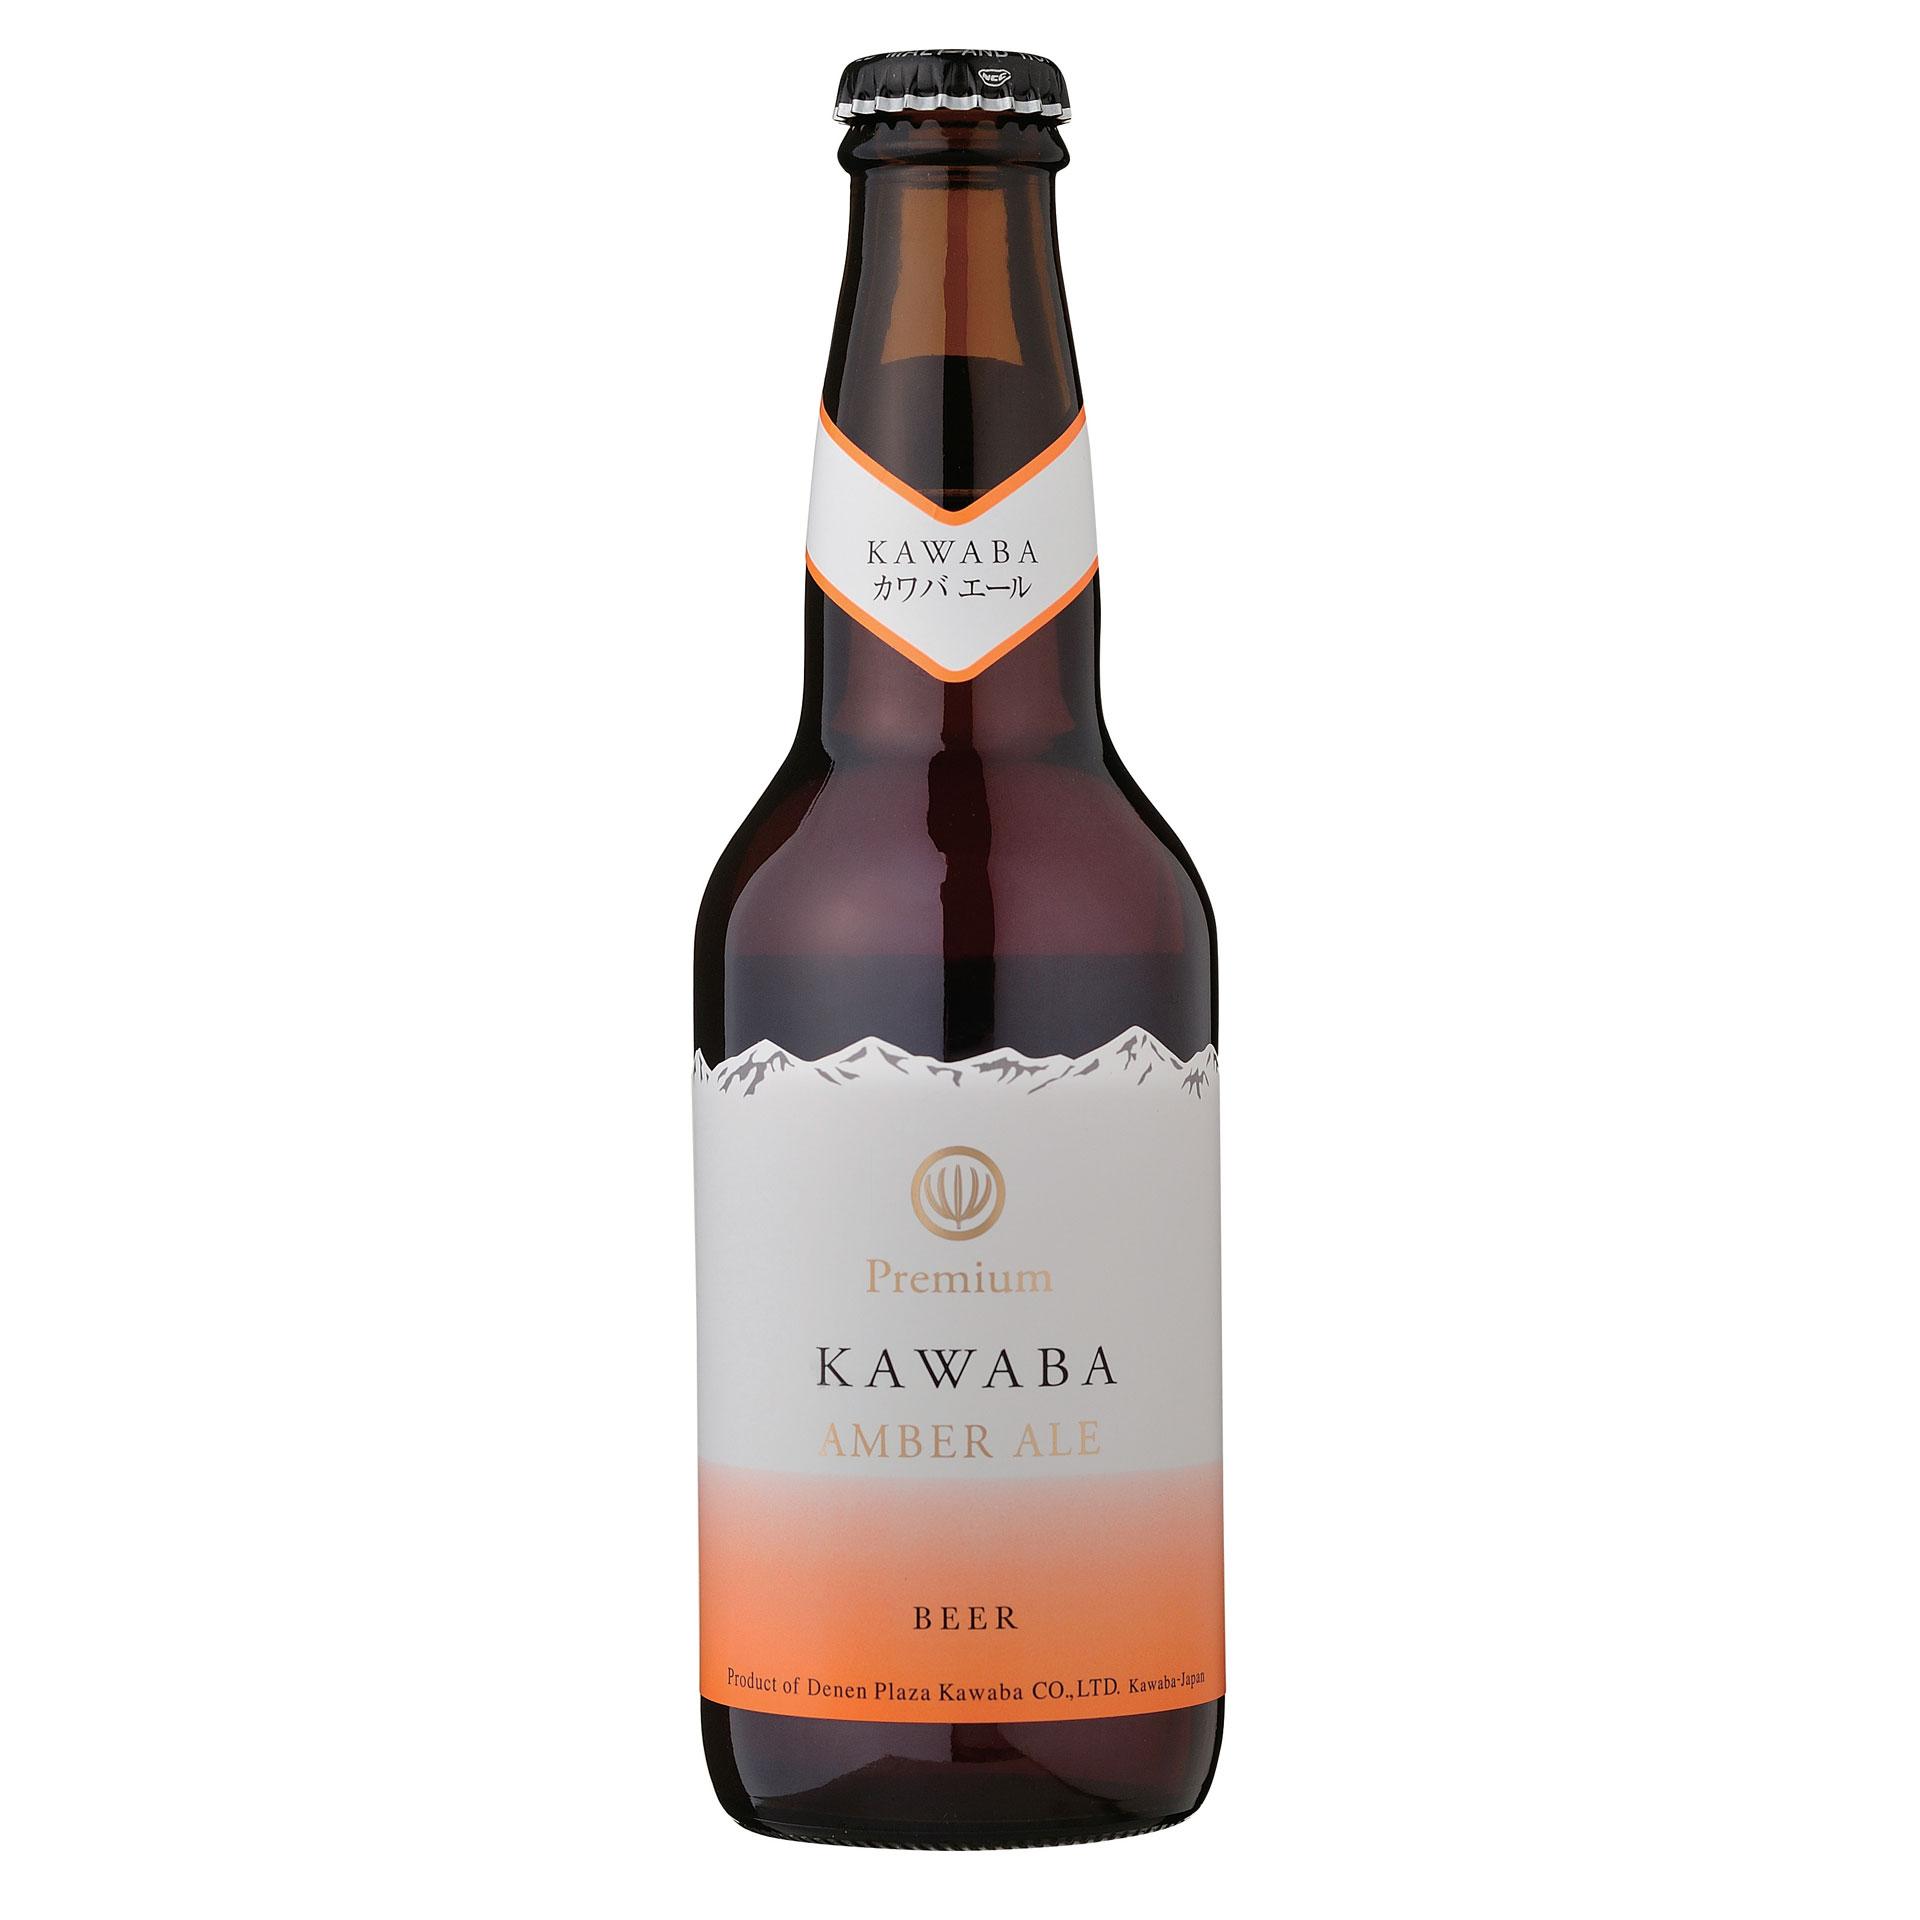 川場ビール&シードル10本詰め合わせセットの商品詳細イメージ-1410